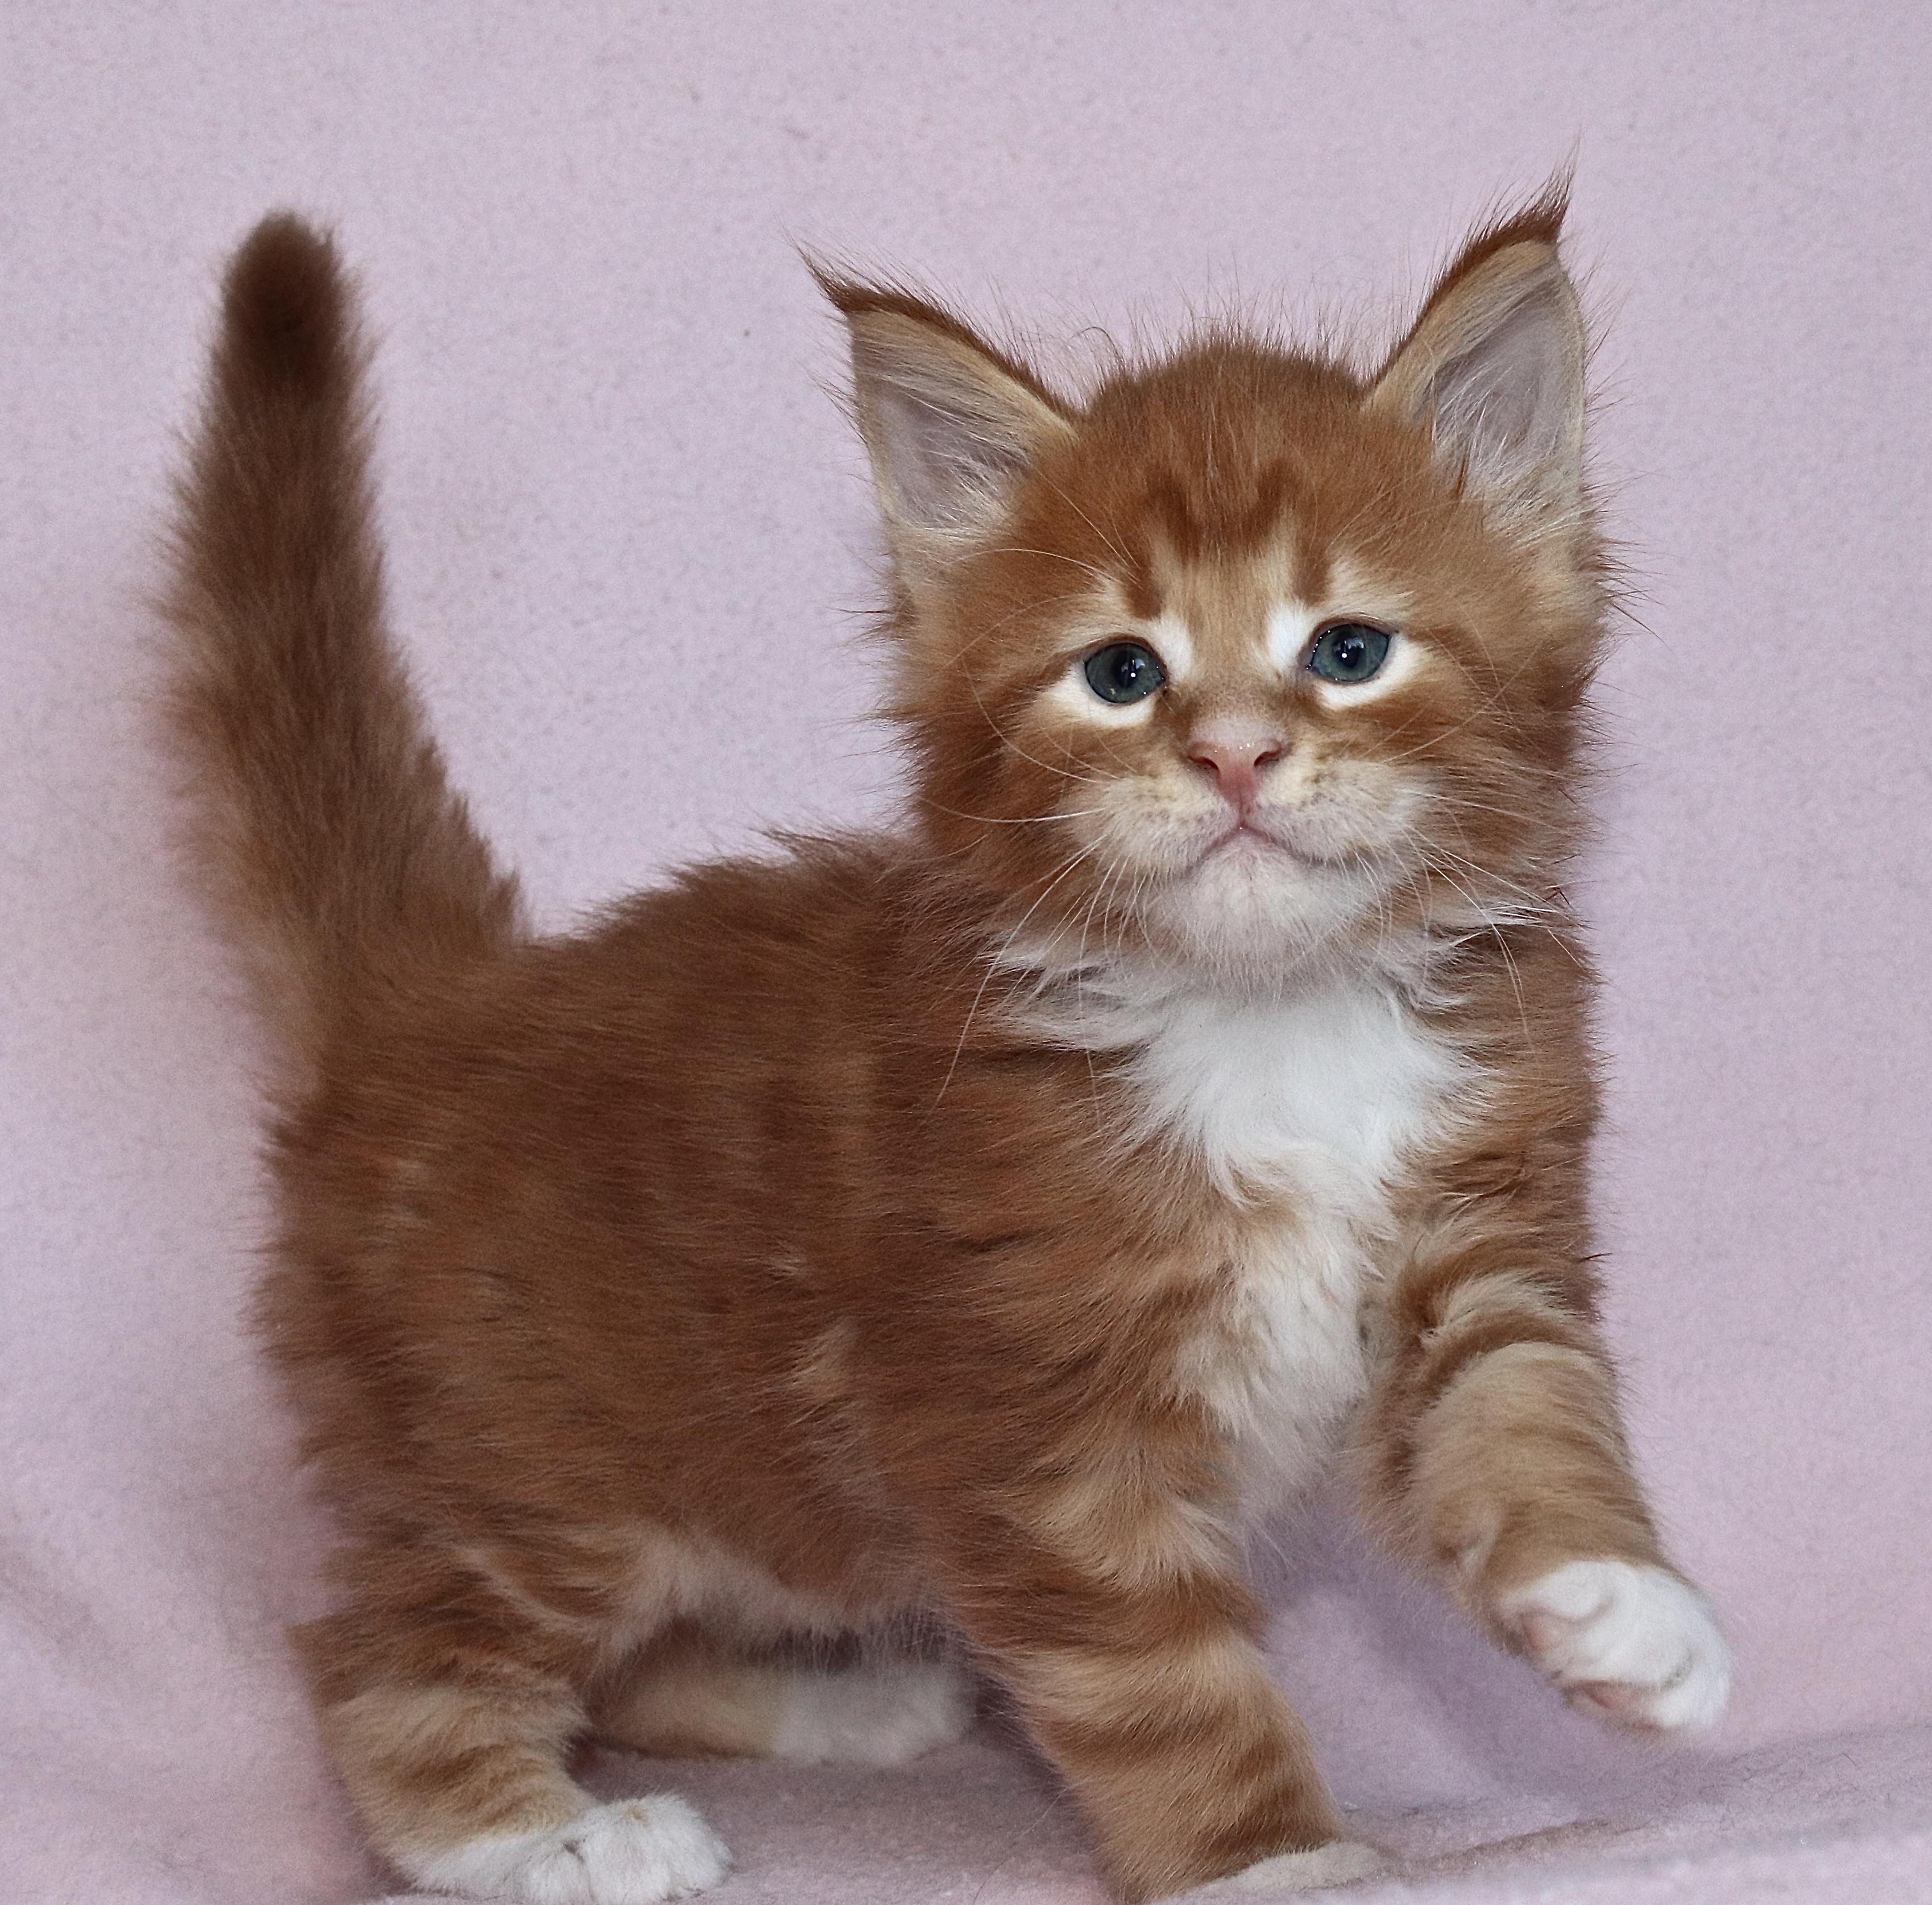 fotka kočky VRH I: IGOR UNO VON ERILLIAN*CZ